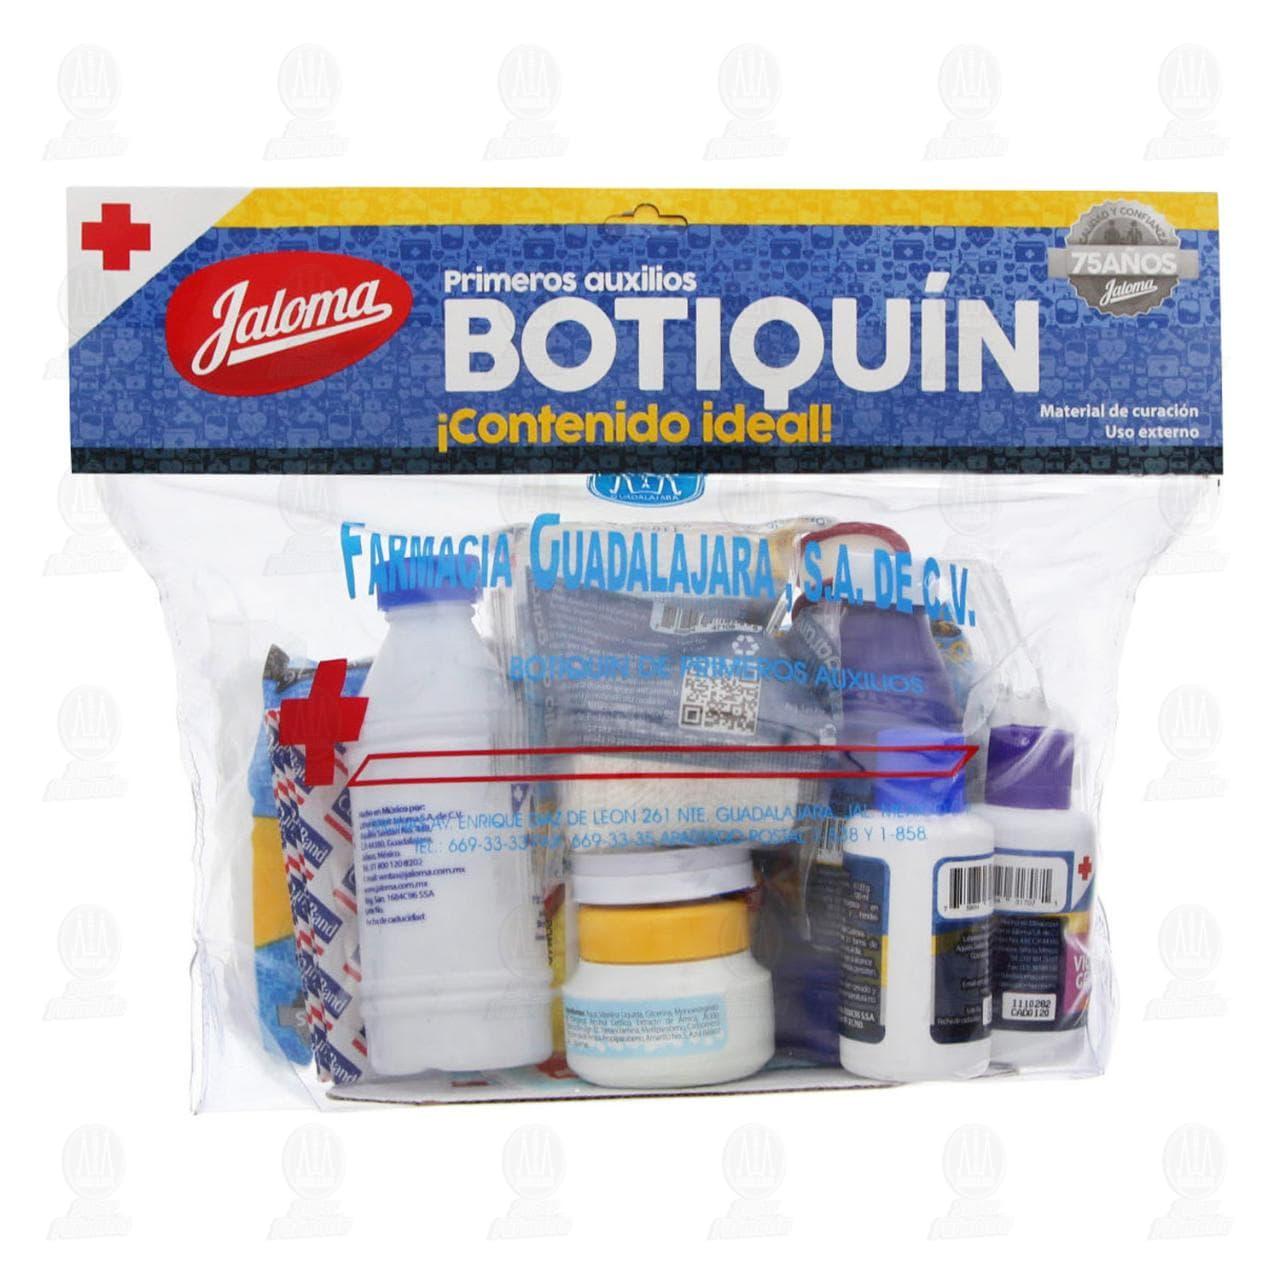 Comprar Botiquín Jaloma en Farmacias Guadalajara